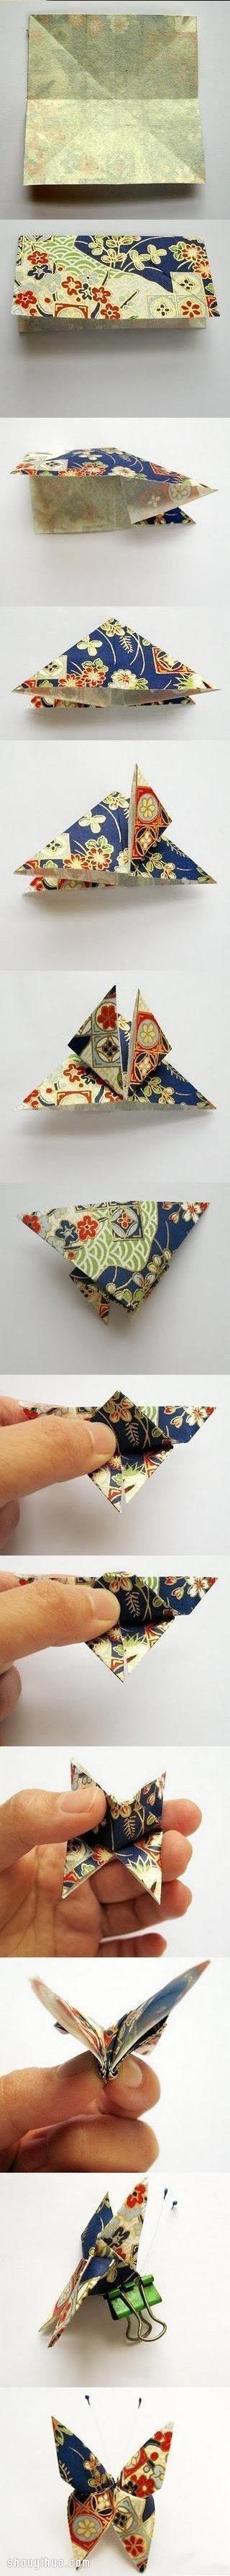 蝴蝶的折法步驟圖 摺紙蝴蝶教學步驟圖解